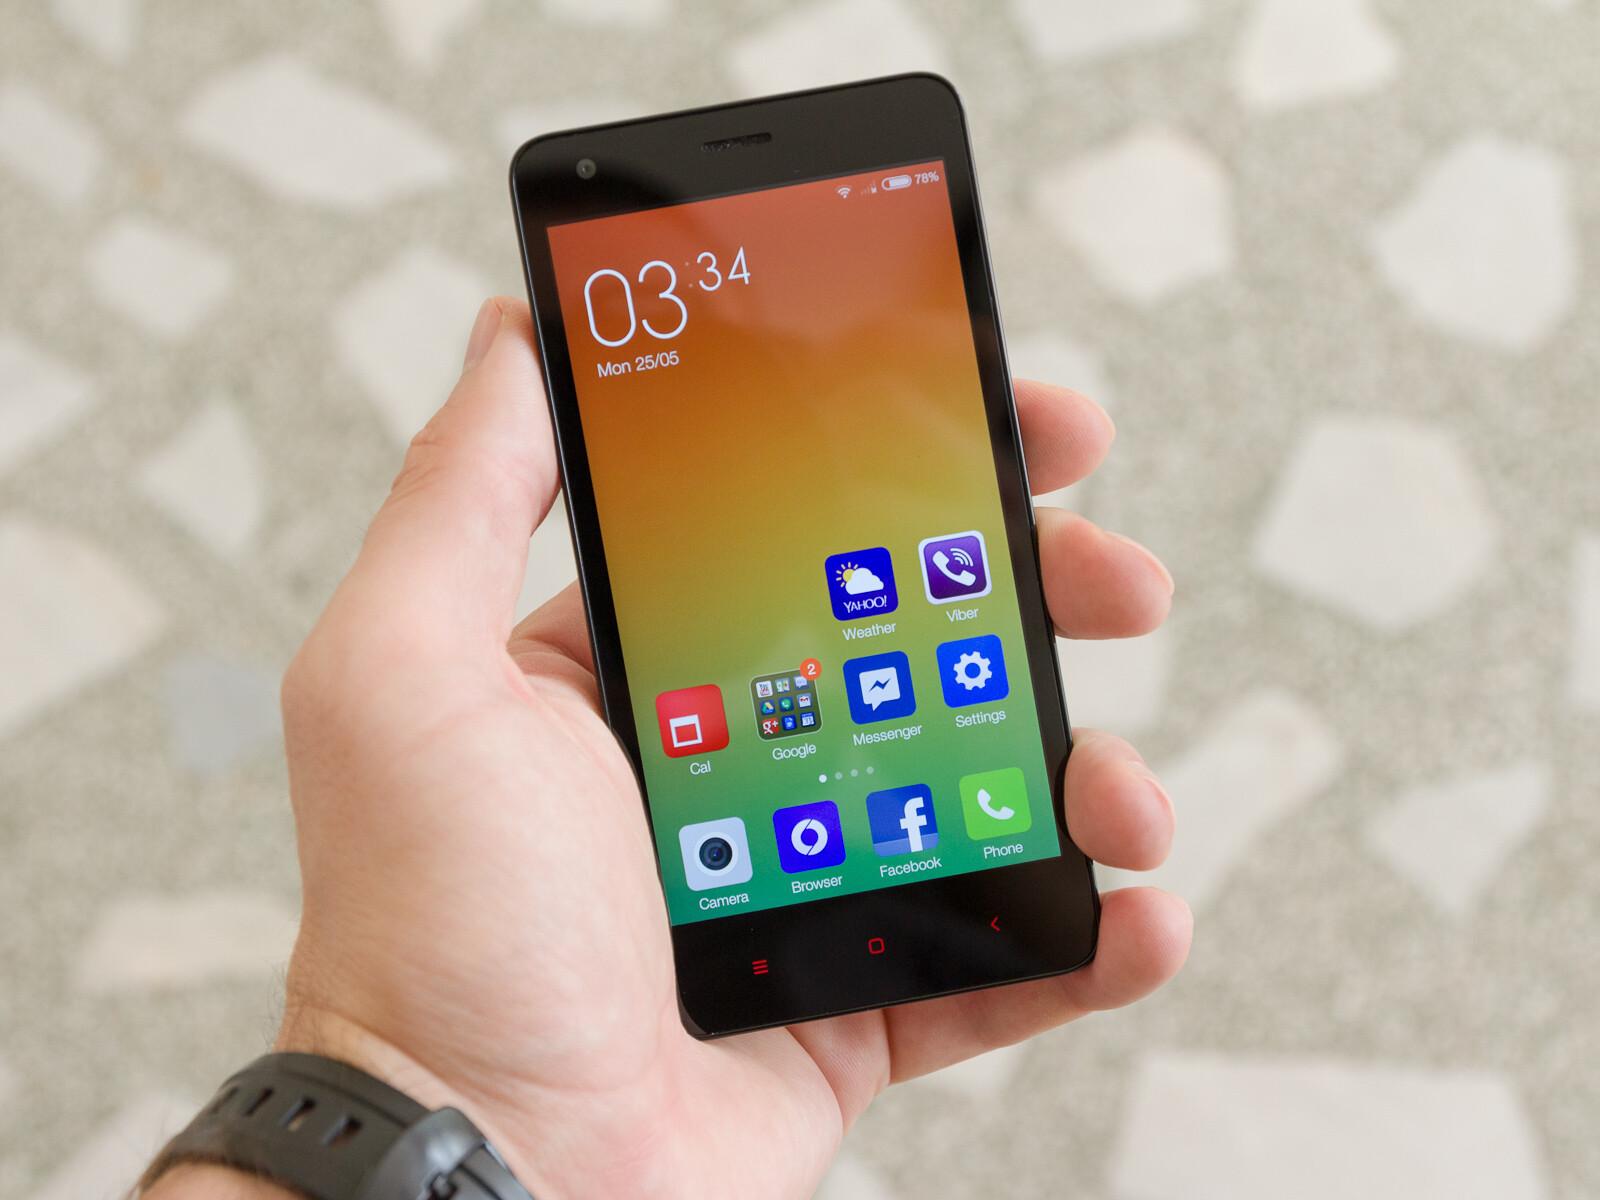 Xiaomi Redmi 2 Specs Note 4g Dual Sim Putih